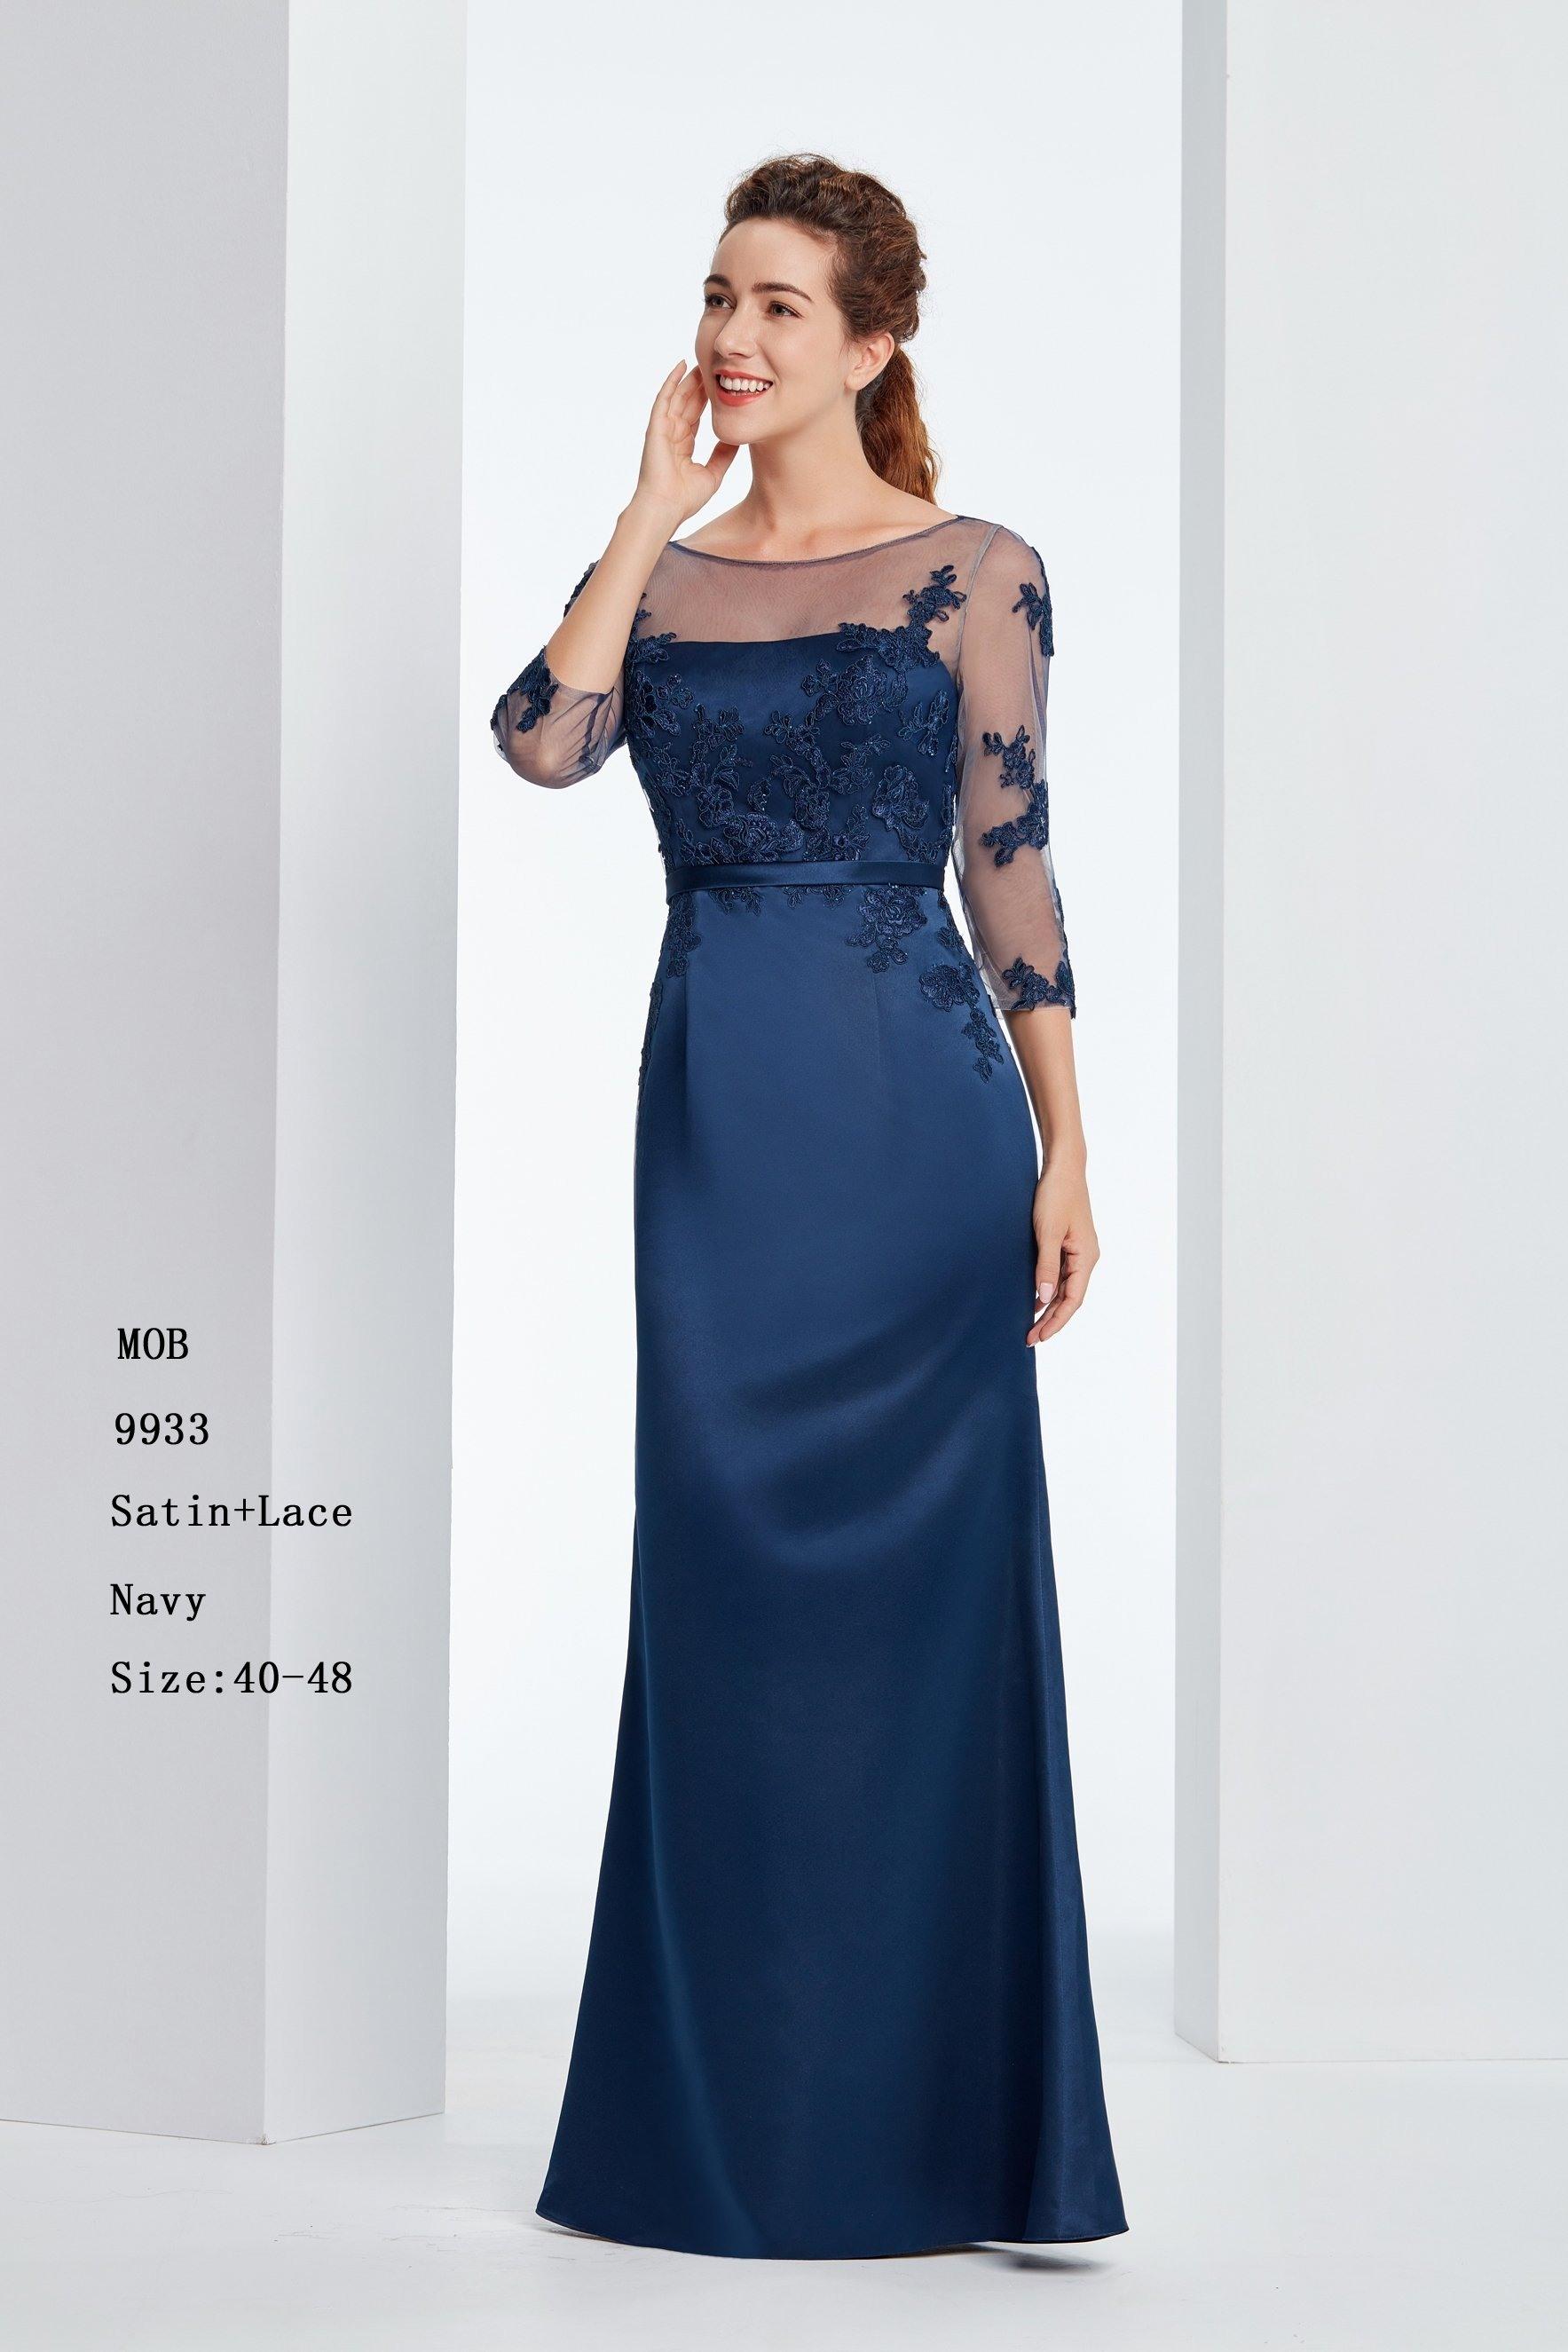 Abend Spektakulär Abendkleider Bilder Design15 Großartig Abendkleider Bilder Galerie